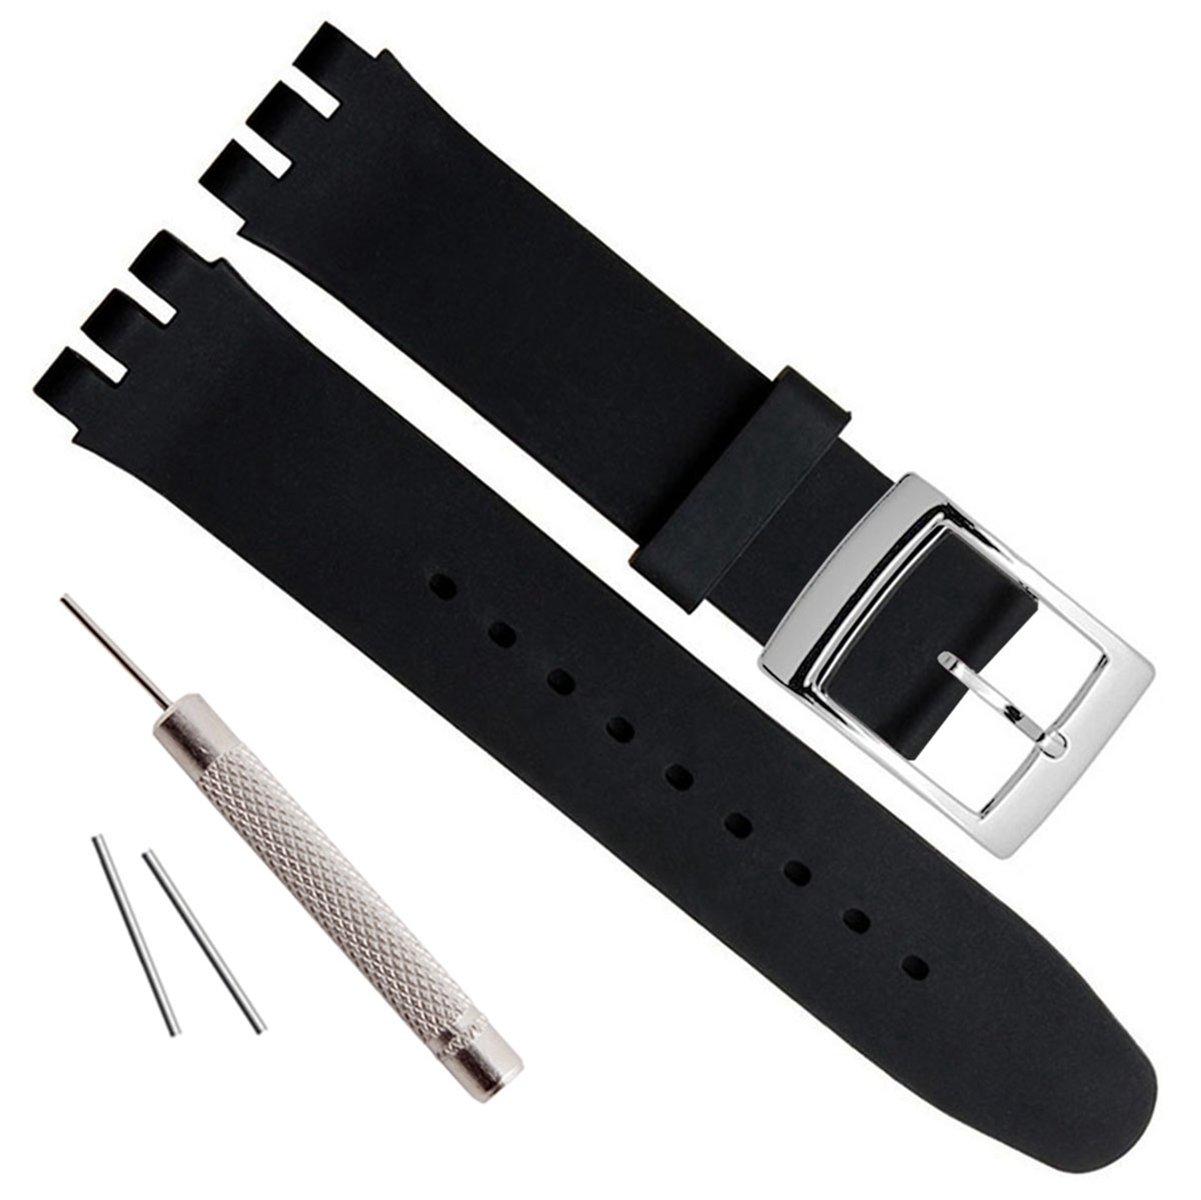 (グリーンオリーブ) Green Olive腕時計ストラップ 時計バンド 銀メッキステンレススチールバックル 防水 シリコンラバー製 17mm ブラック 17mm|ブラック ブラック 17mm B01F3C6W24